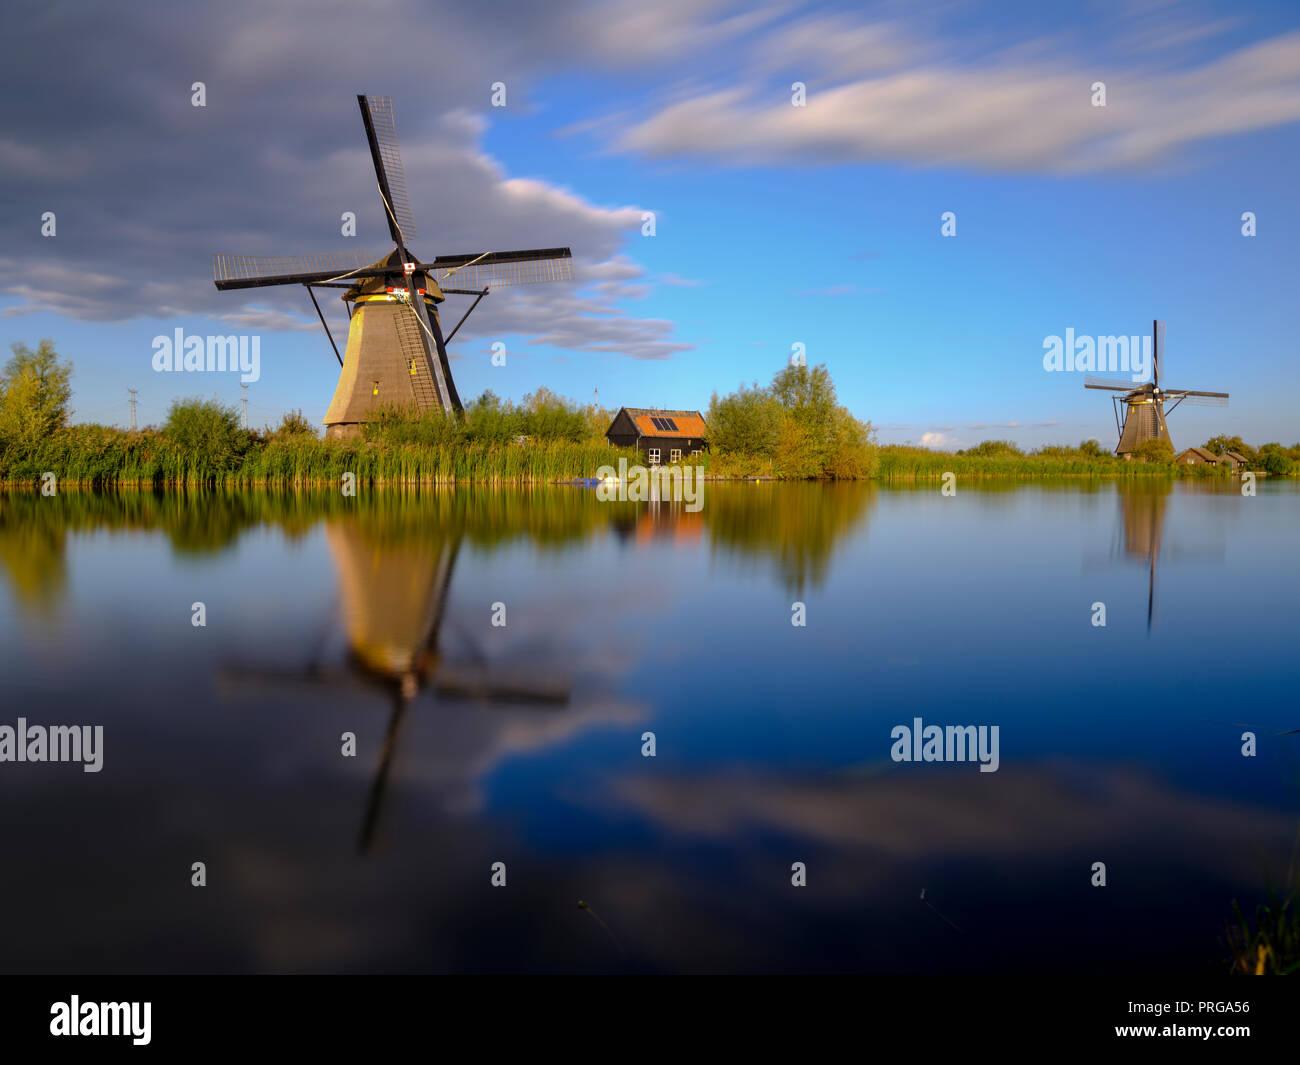 Heure d'or de l'automne la lumière sur les moulins, les canaux et les polders de Kinderdijk, près de Rotterdam, Pays-Bas Banque D'Images